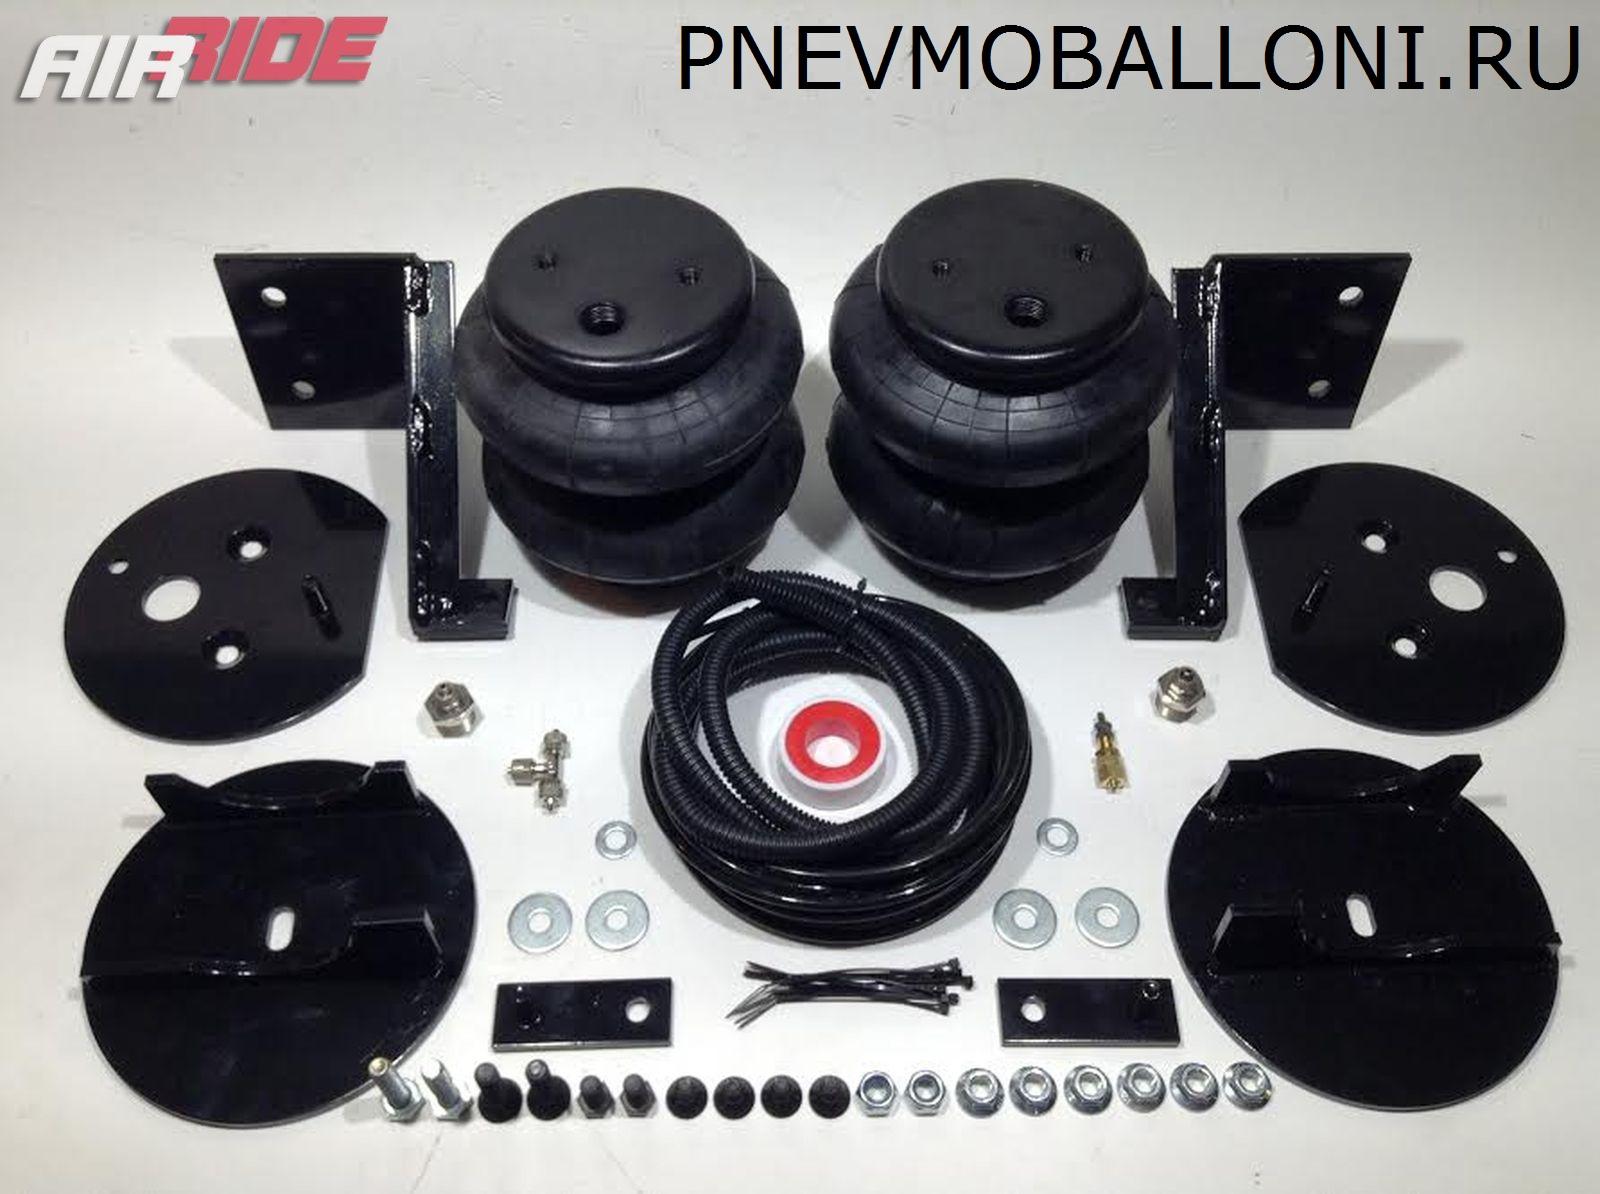 32050-pnevmoballoni.ru_1_.jpg